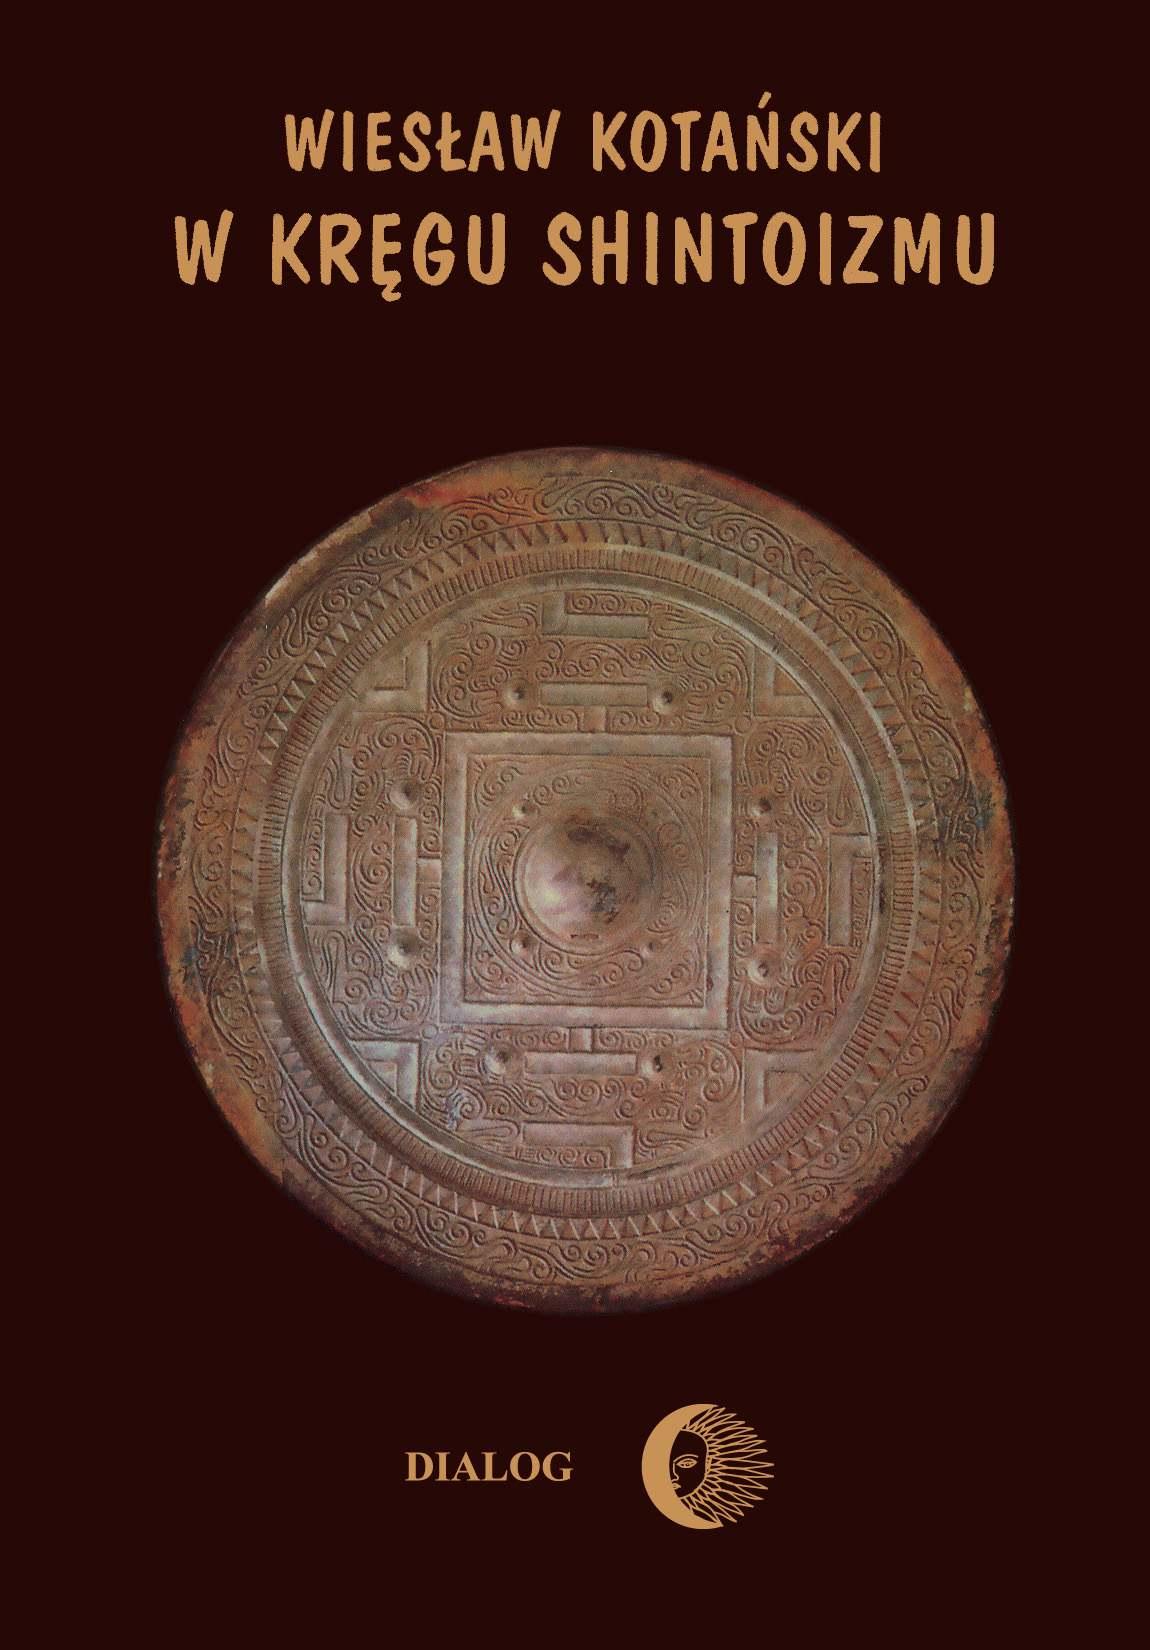 W kręgu shintoizmu. Tom 1 Przeszłość i jej tajemnice - Ebook (Książka EPUB) do pobrania w formacie EPUB